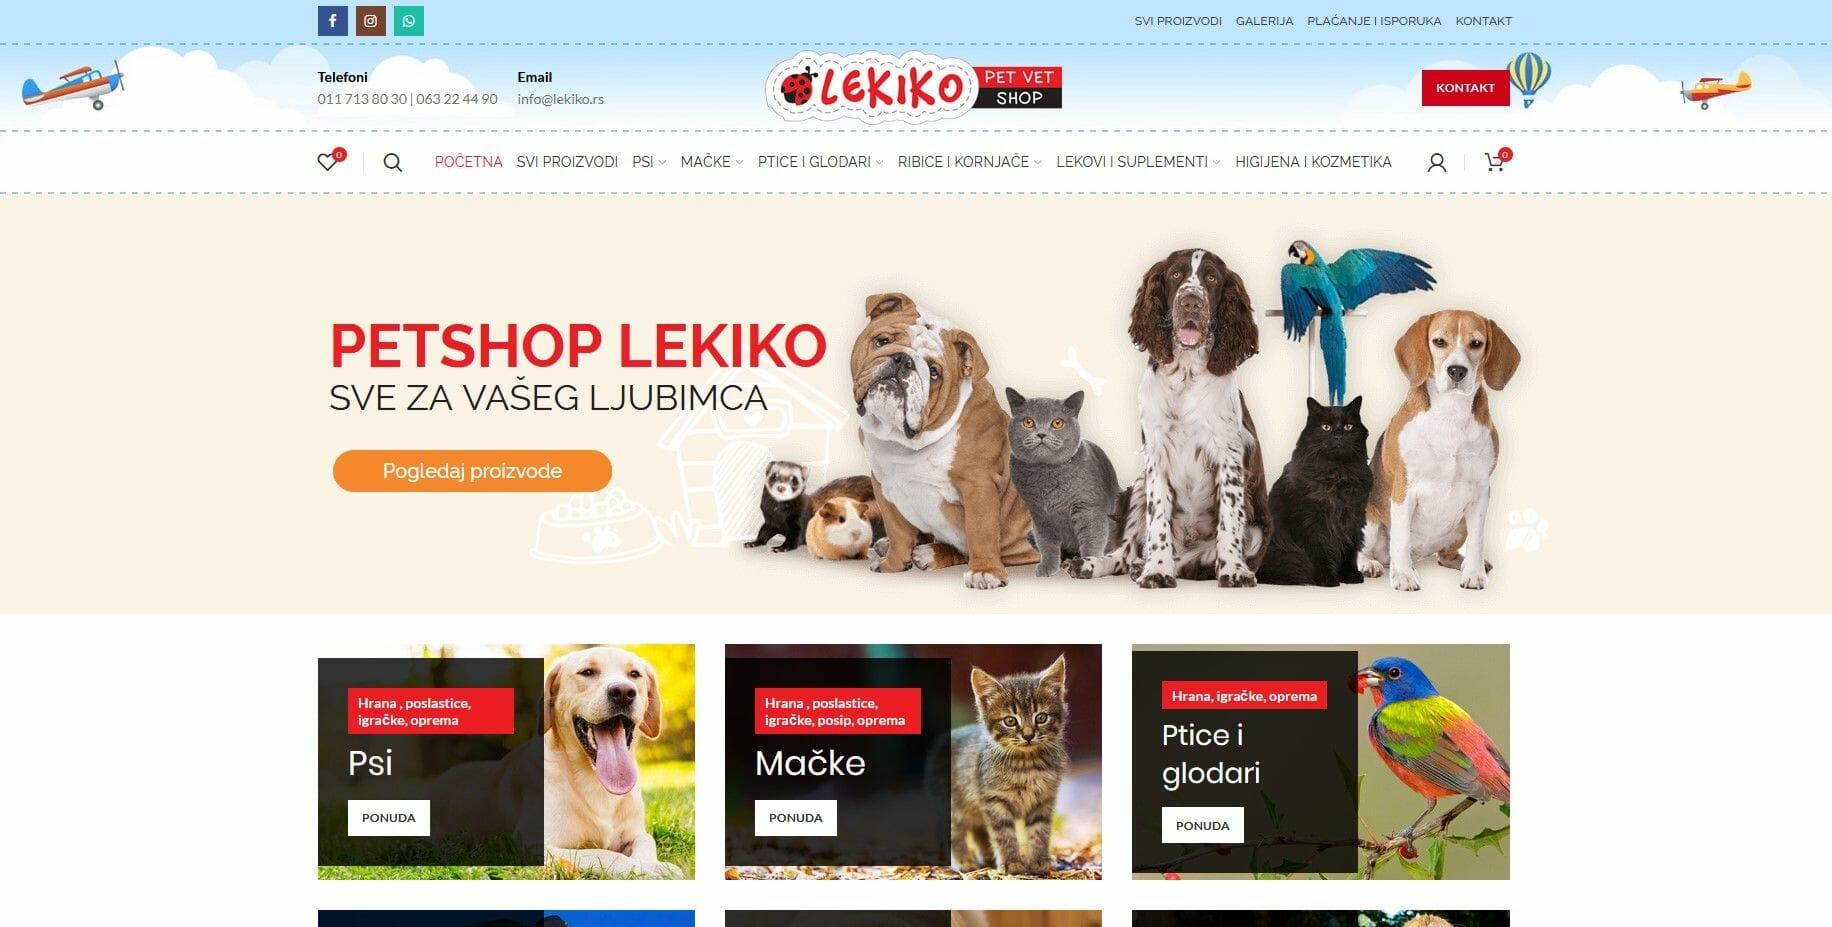 izrada sajta za pet shop